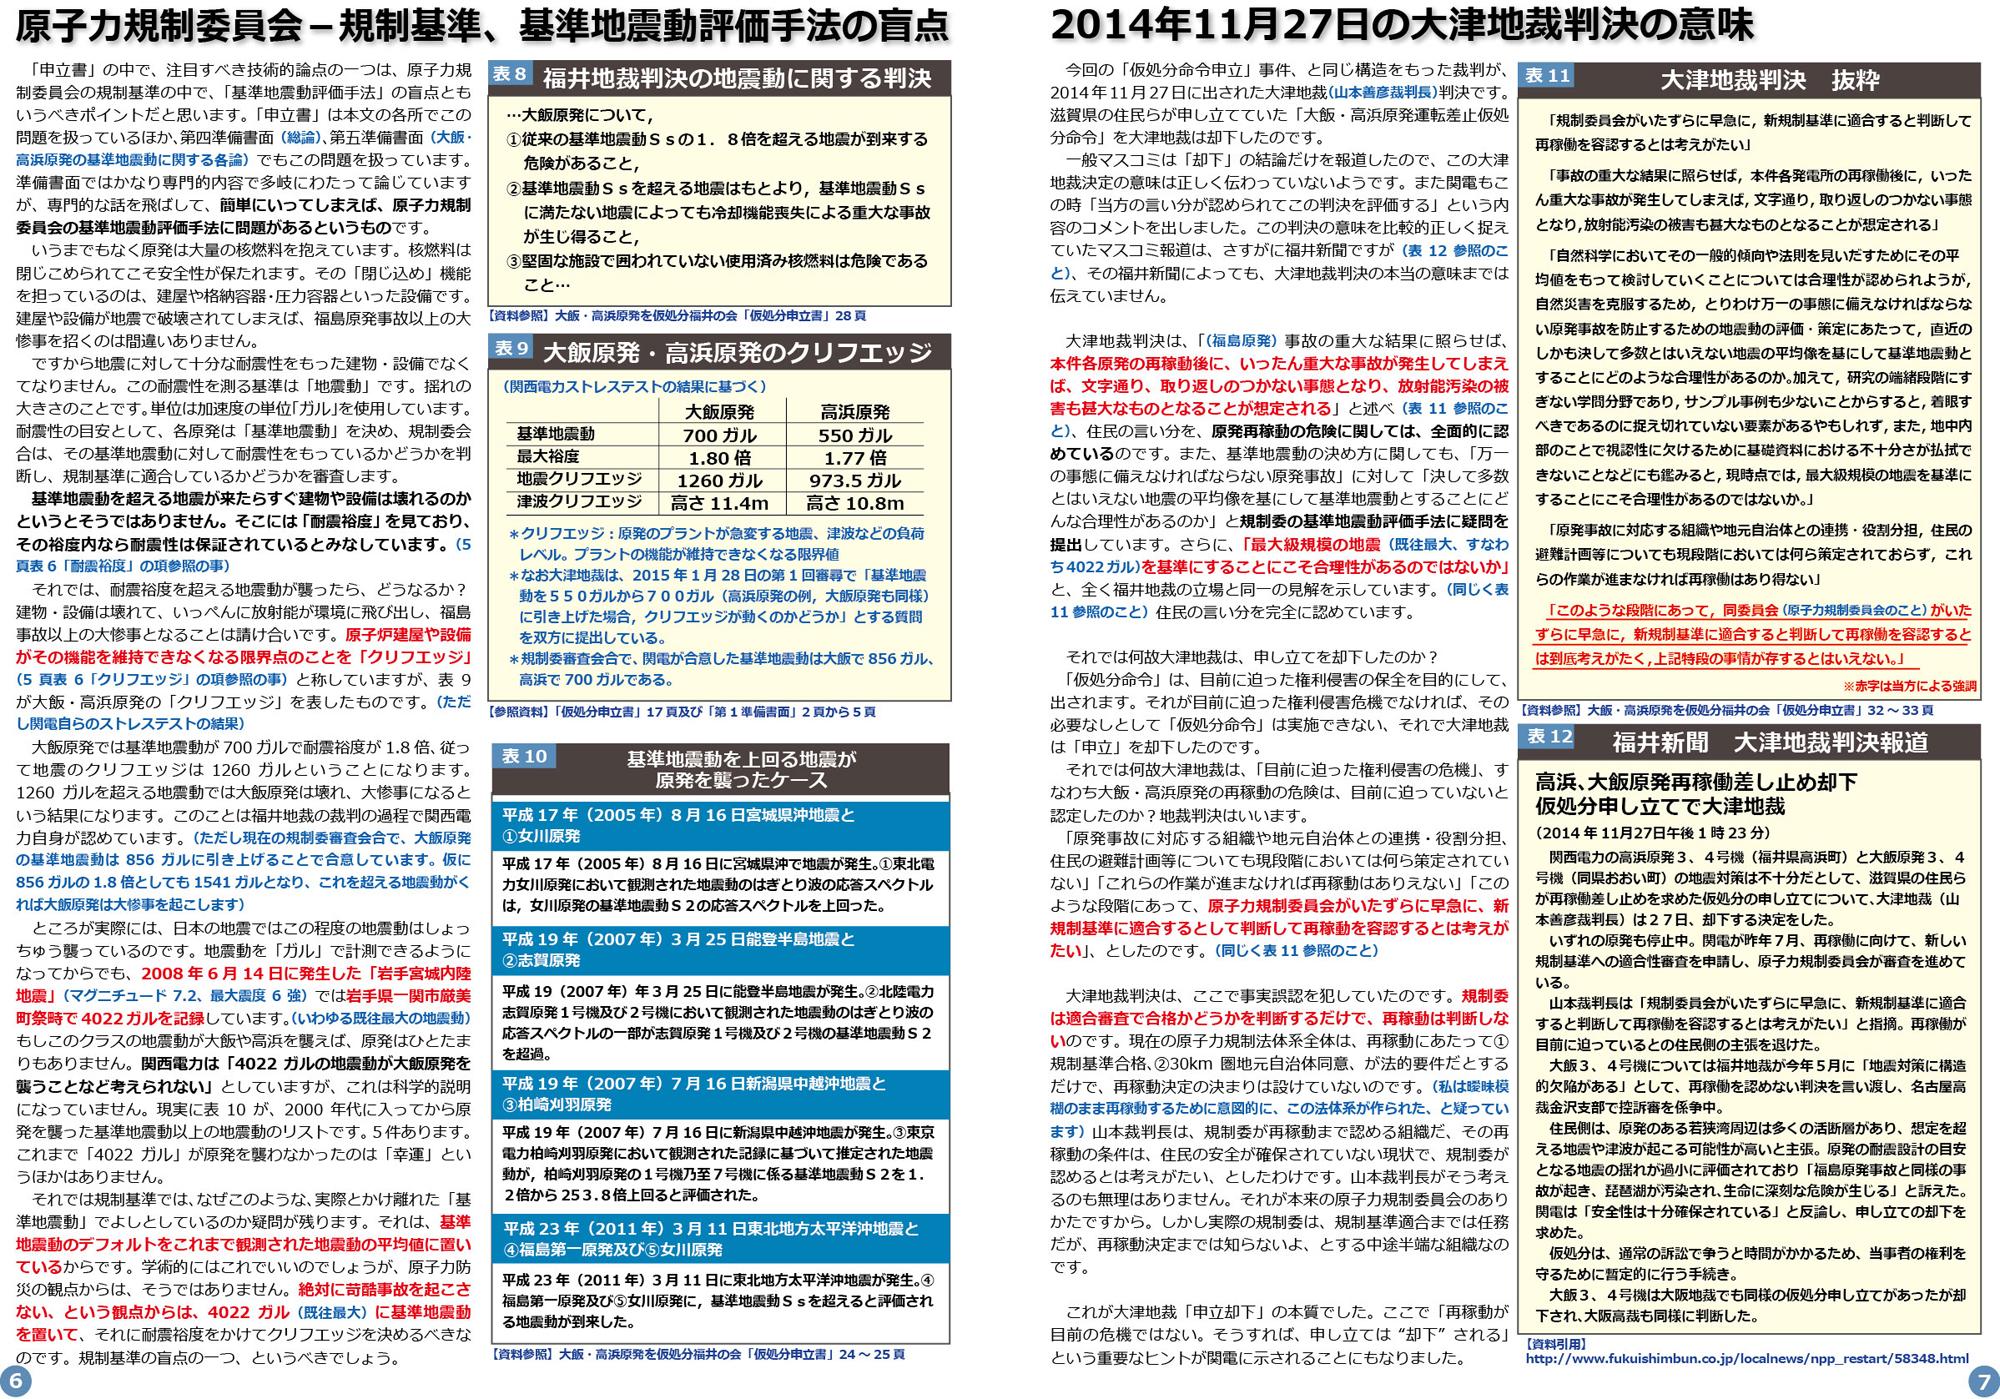 ファイル 392-4.jpg